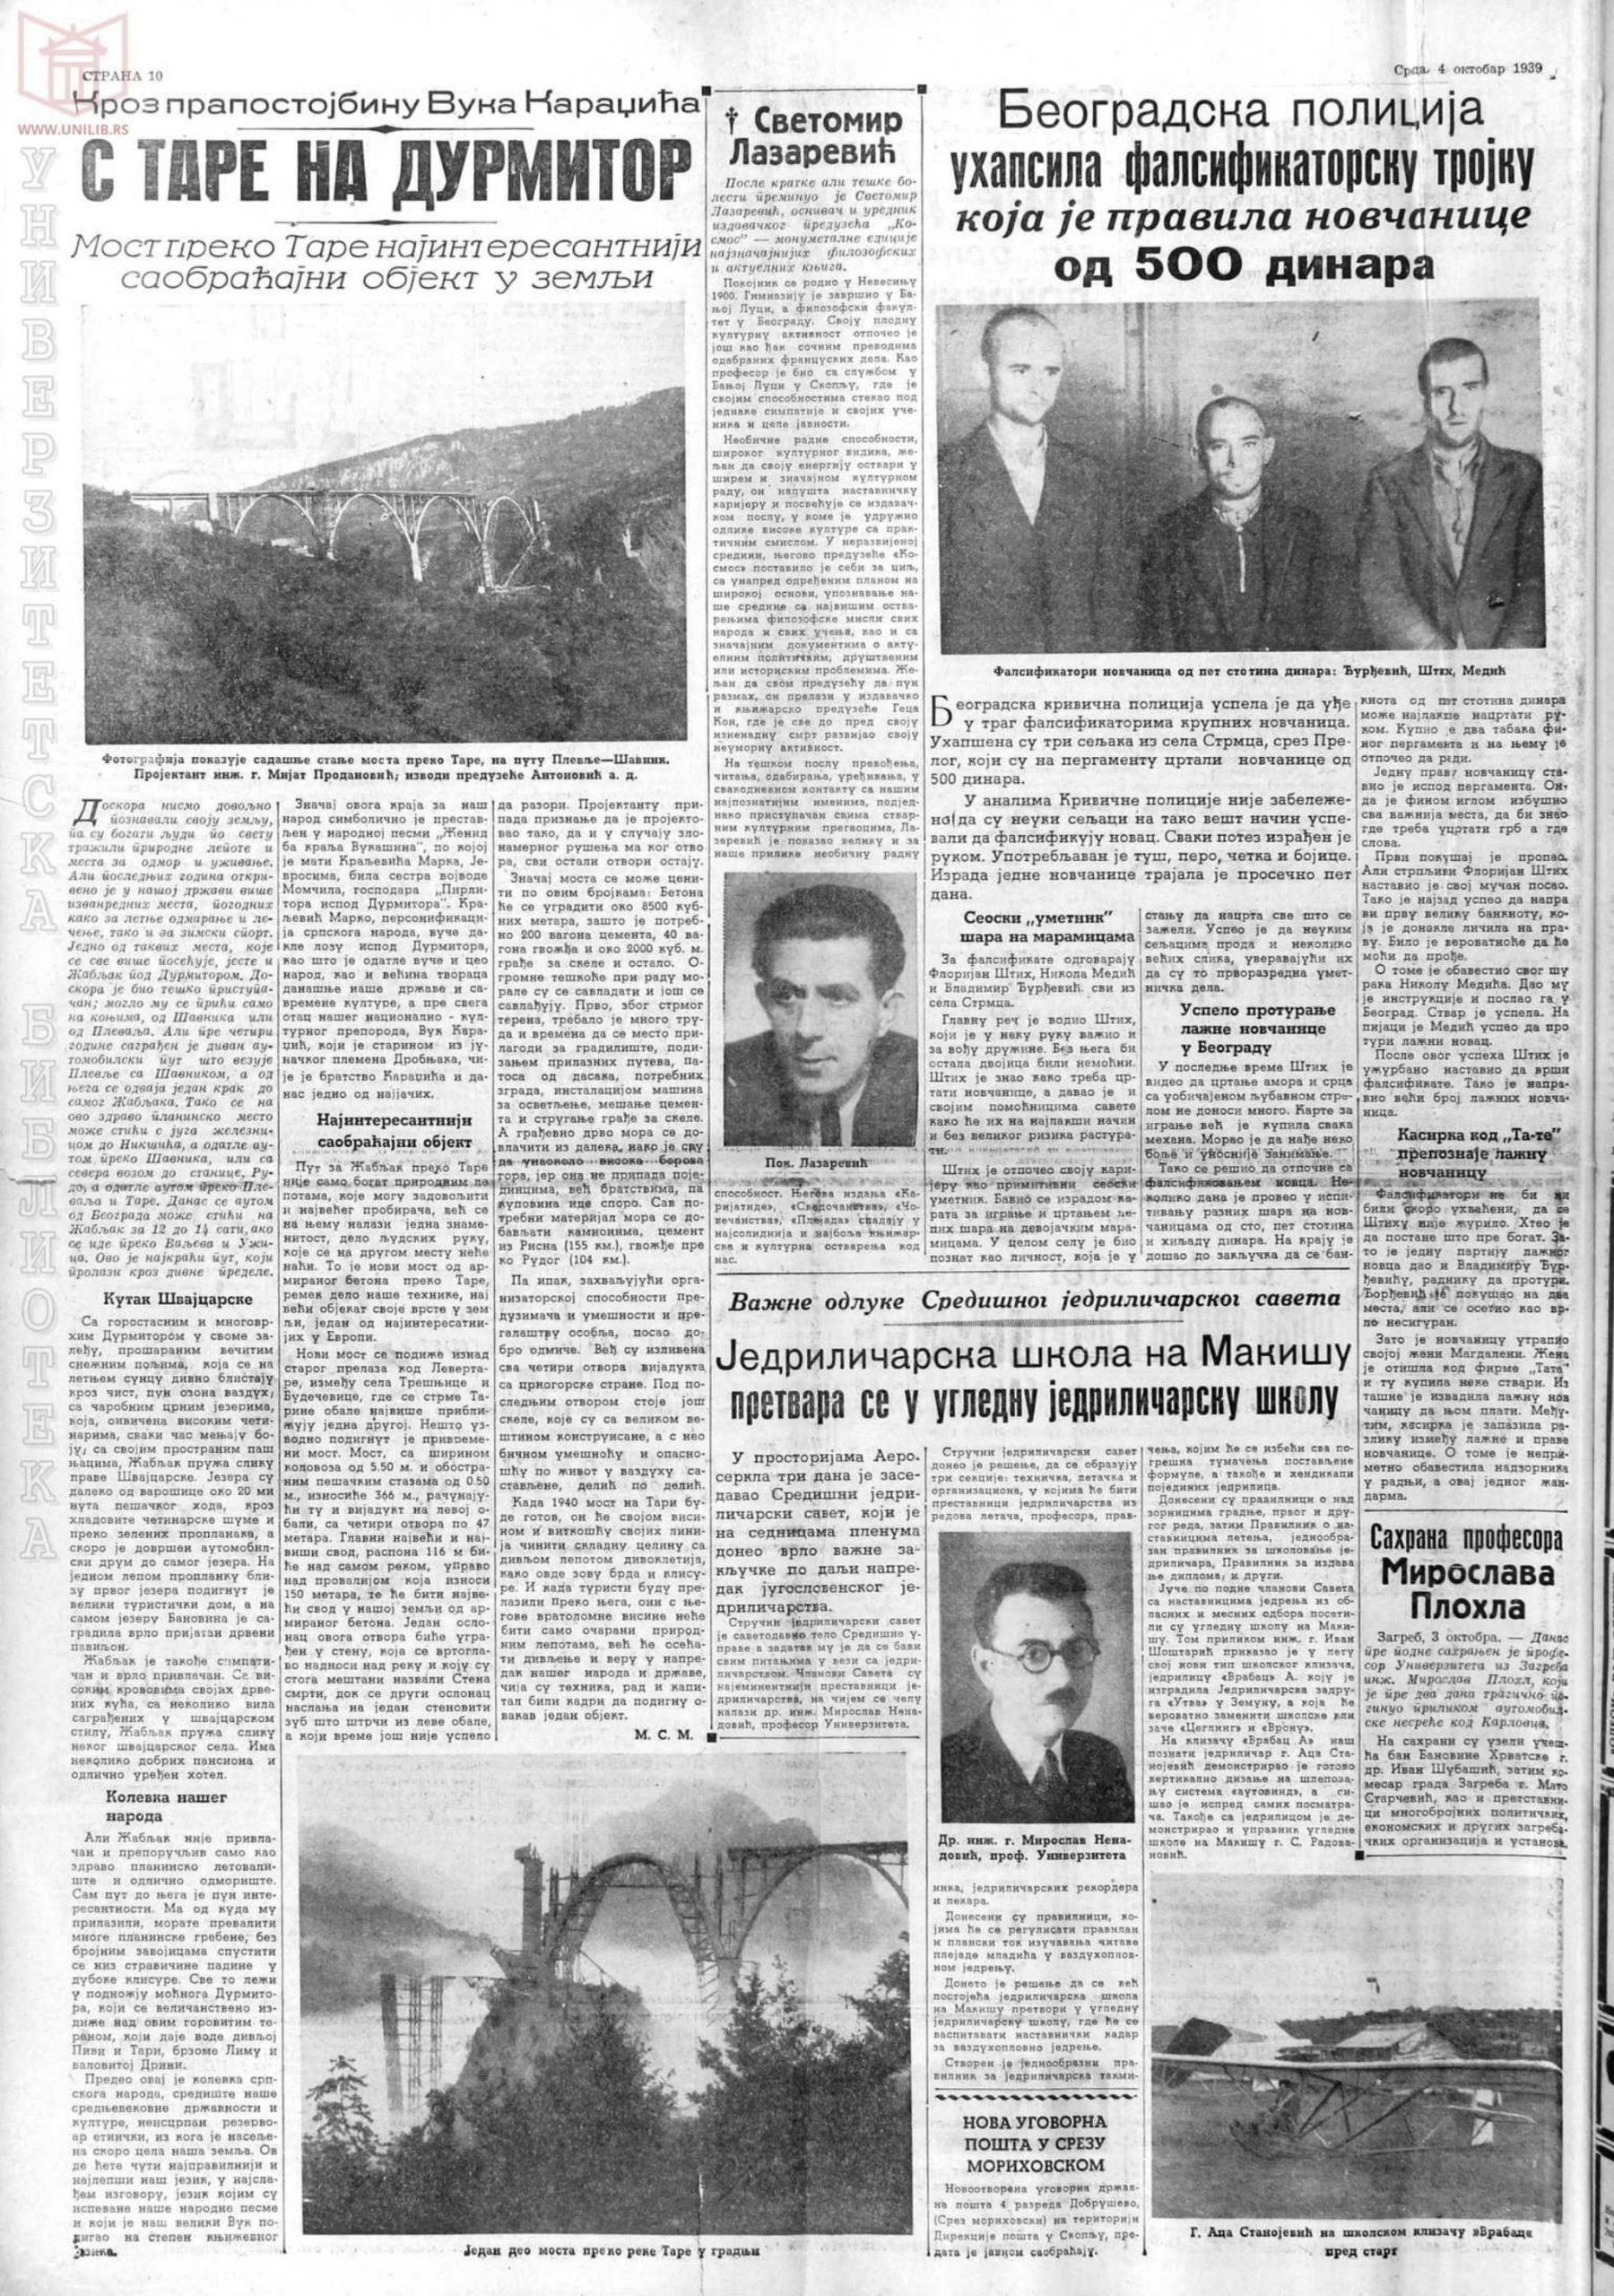 Vreme 04.10.1939 p10-1